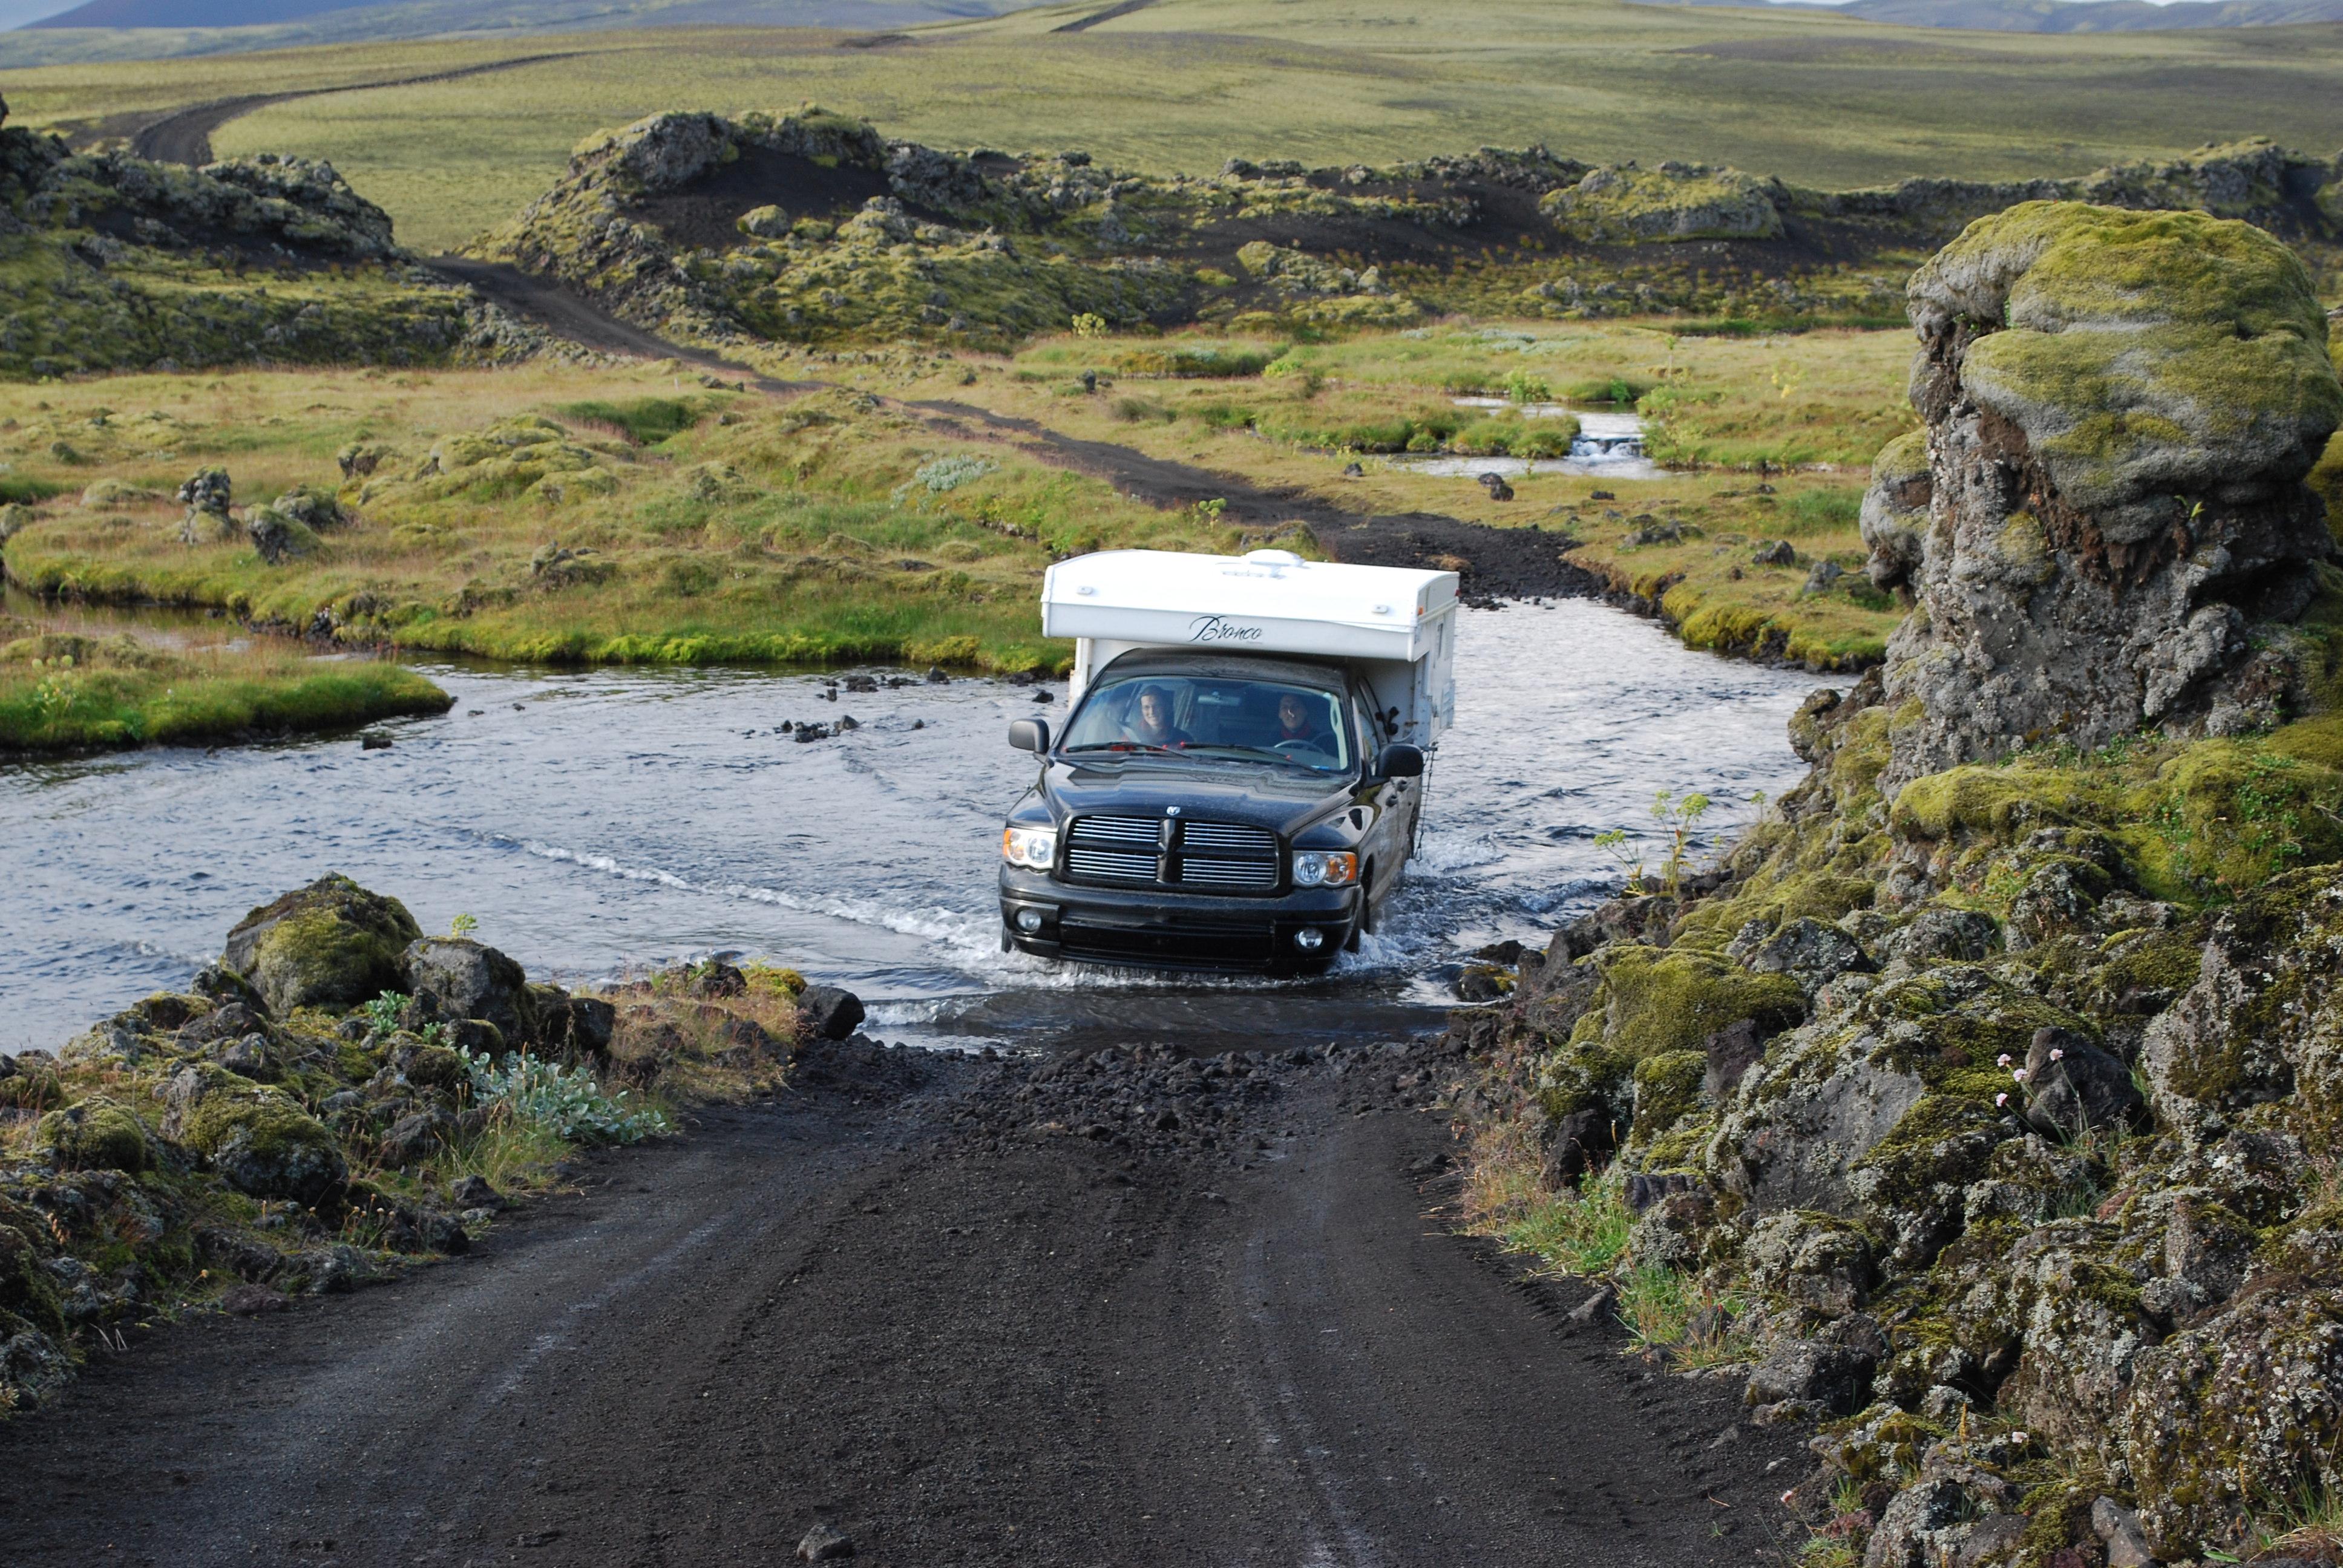 Camping En Islande Accessibilit Ef Bf Bd